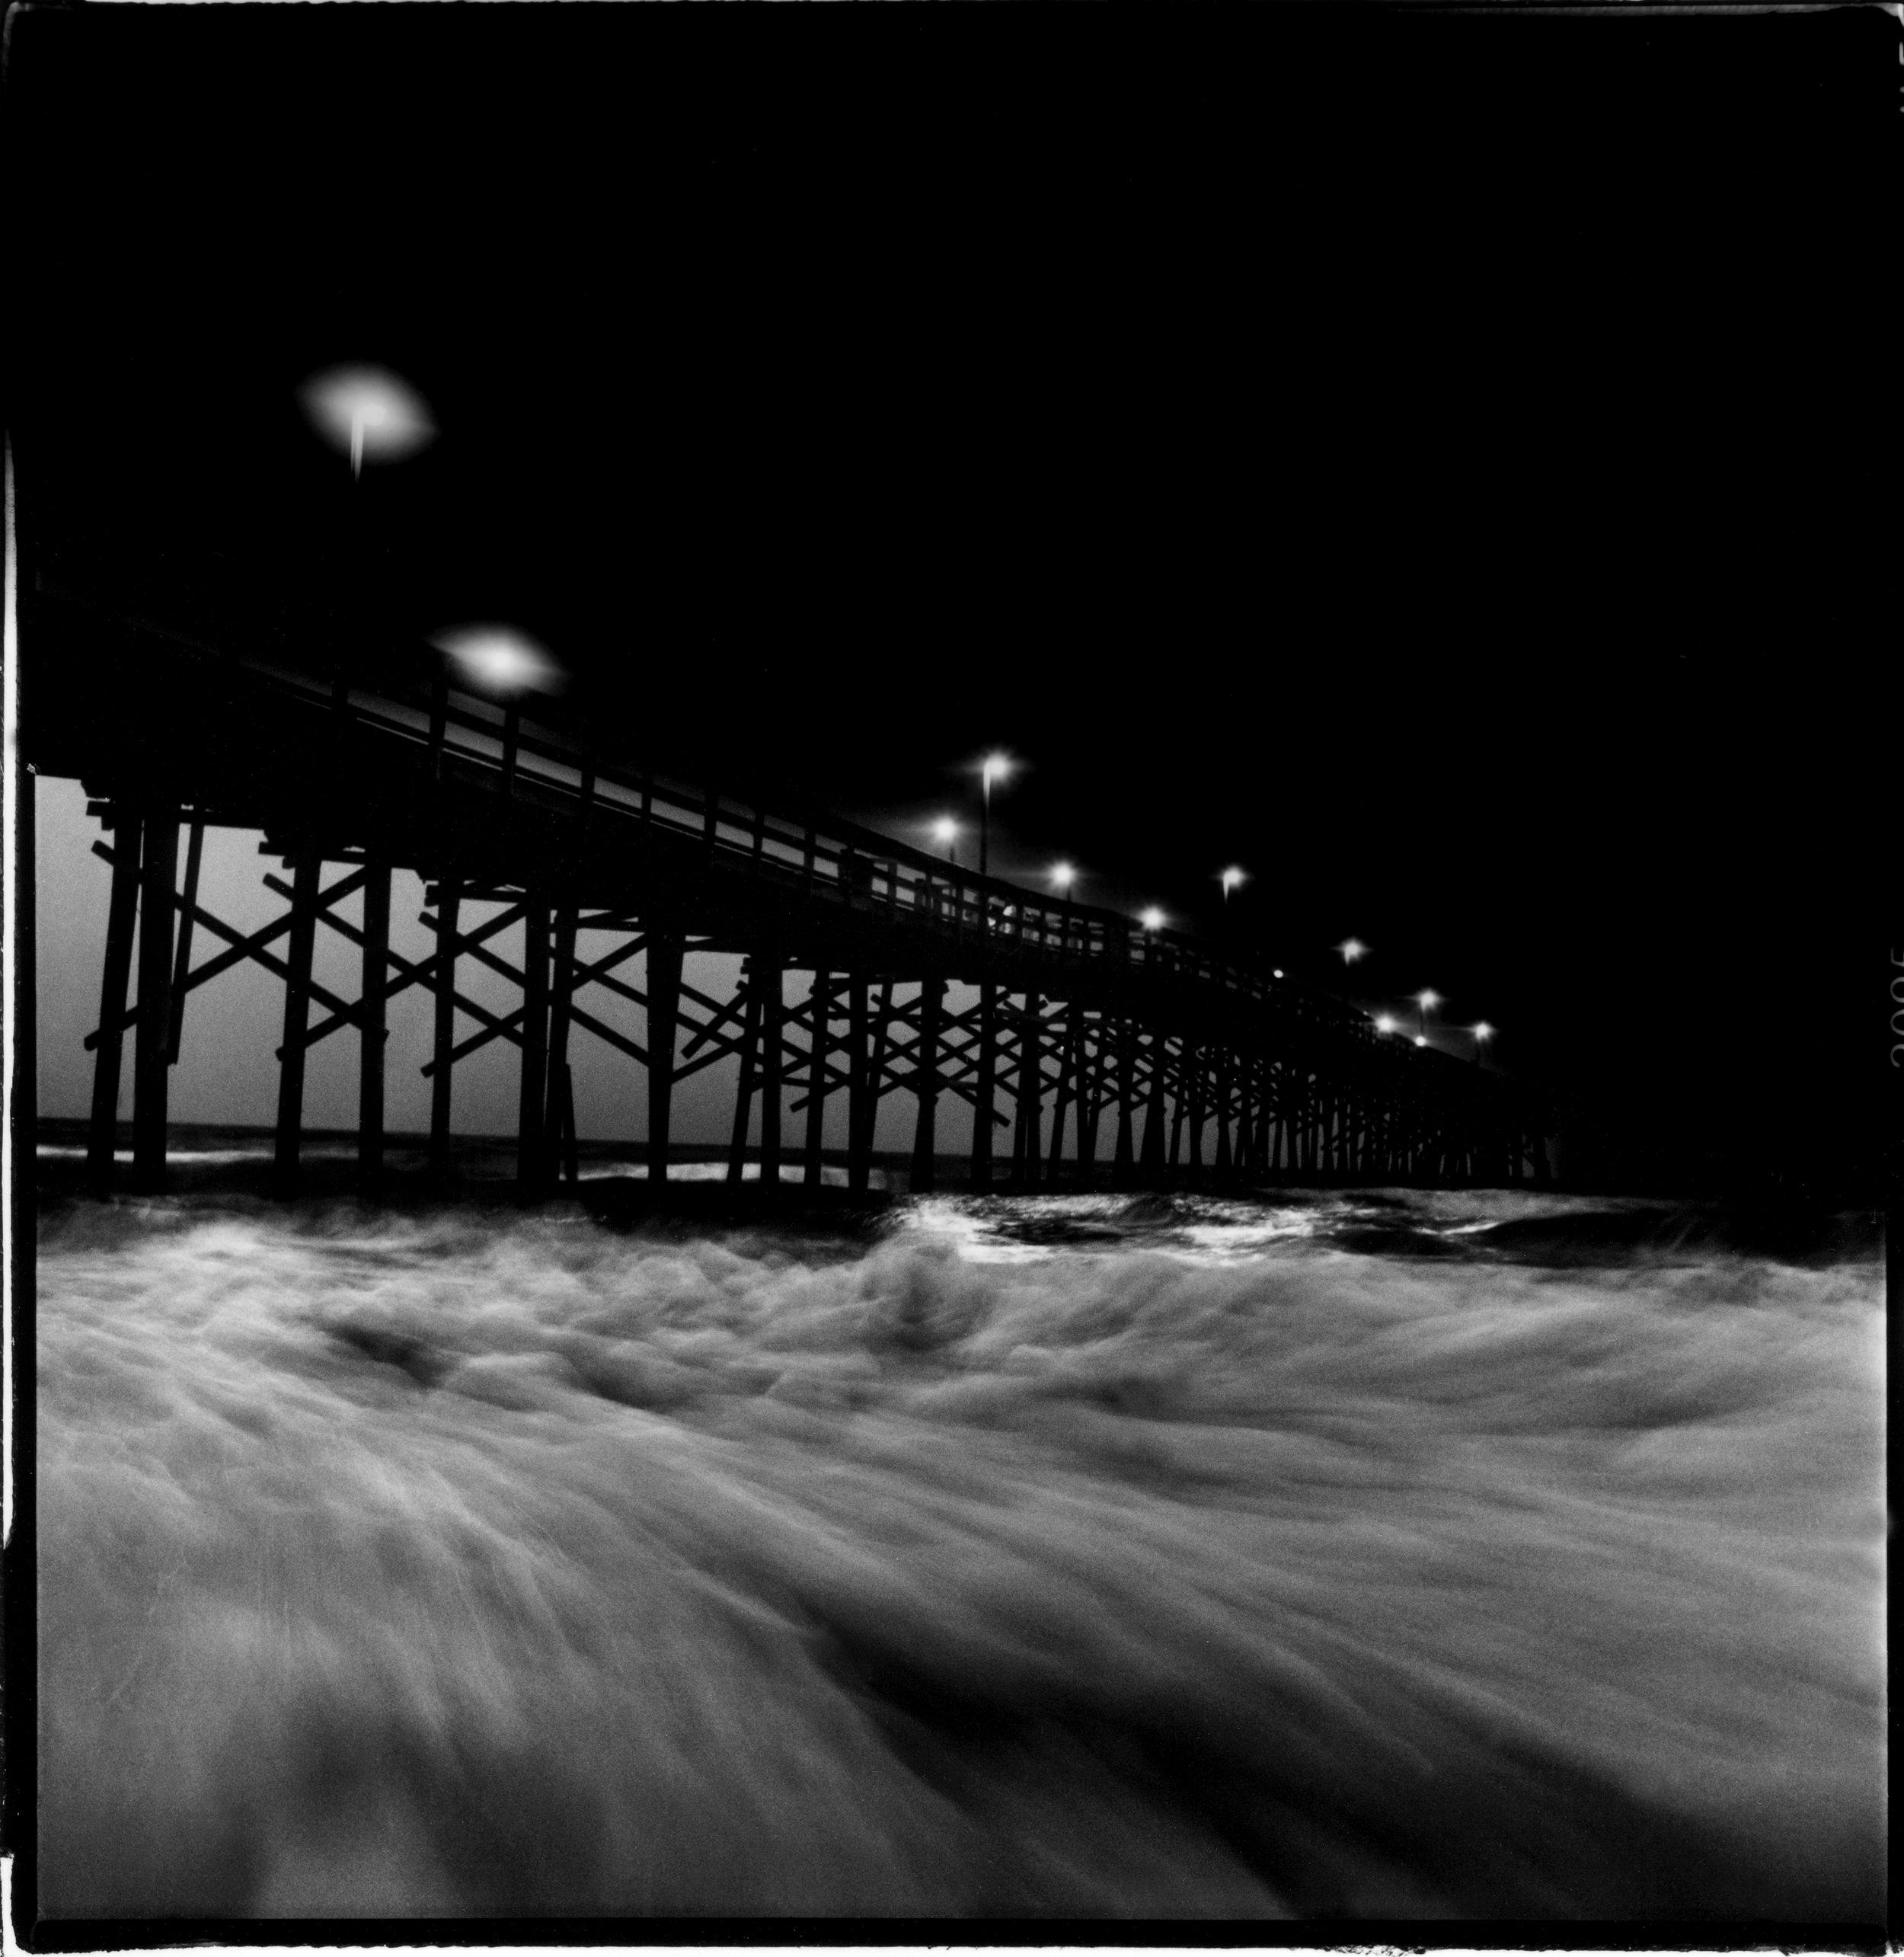 pier at night.jpg